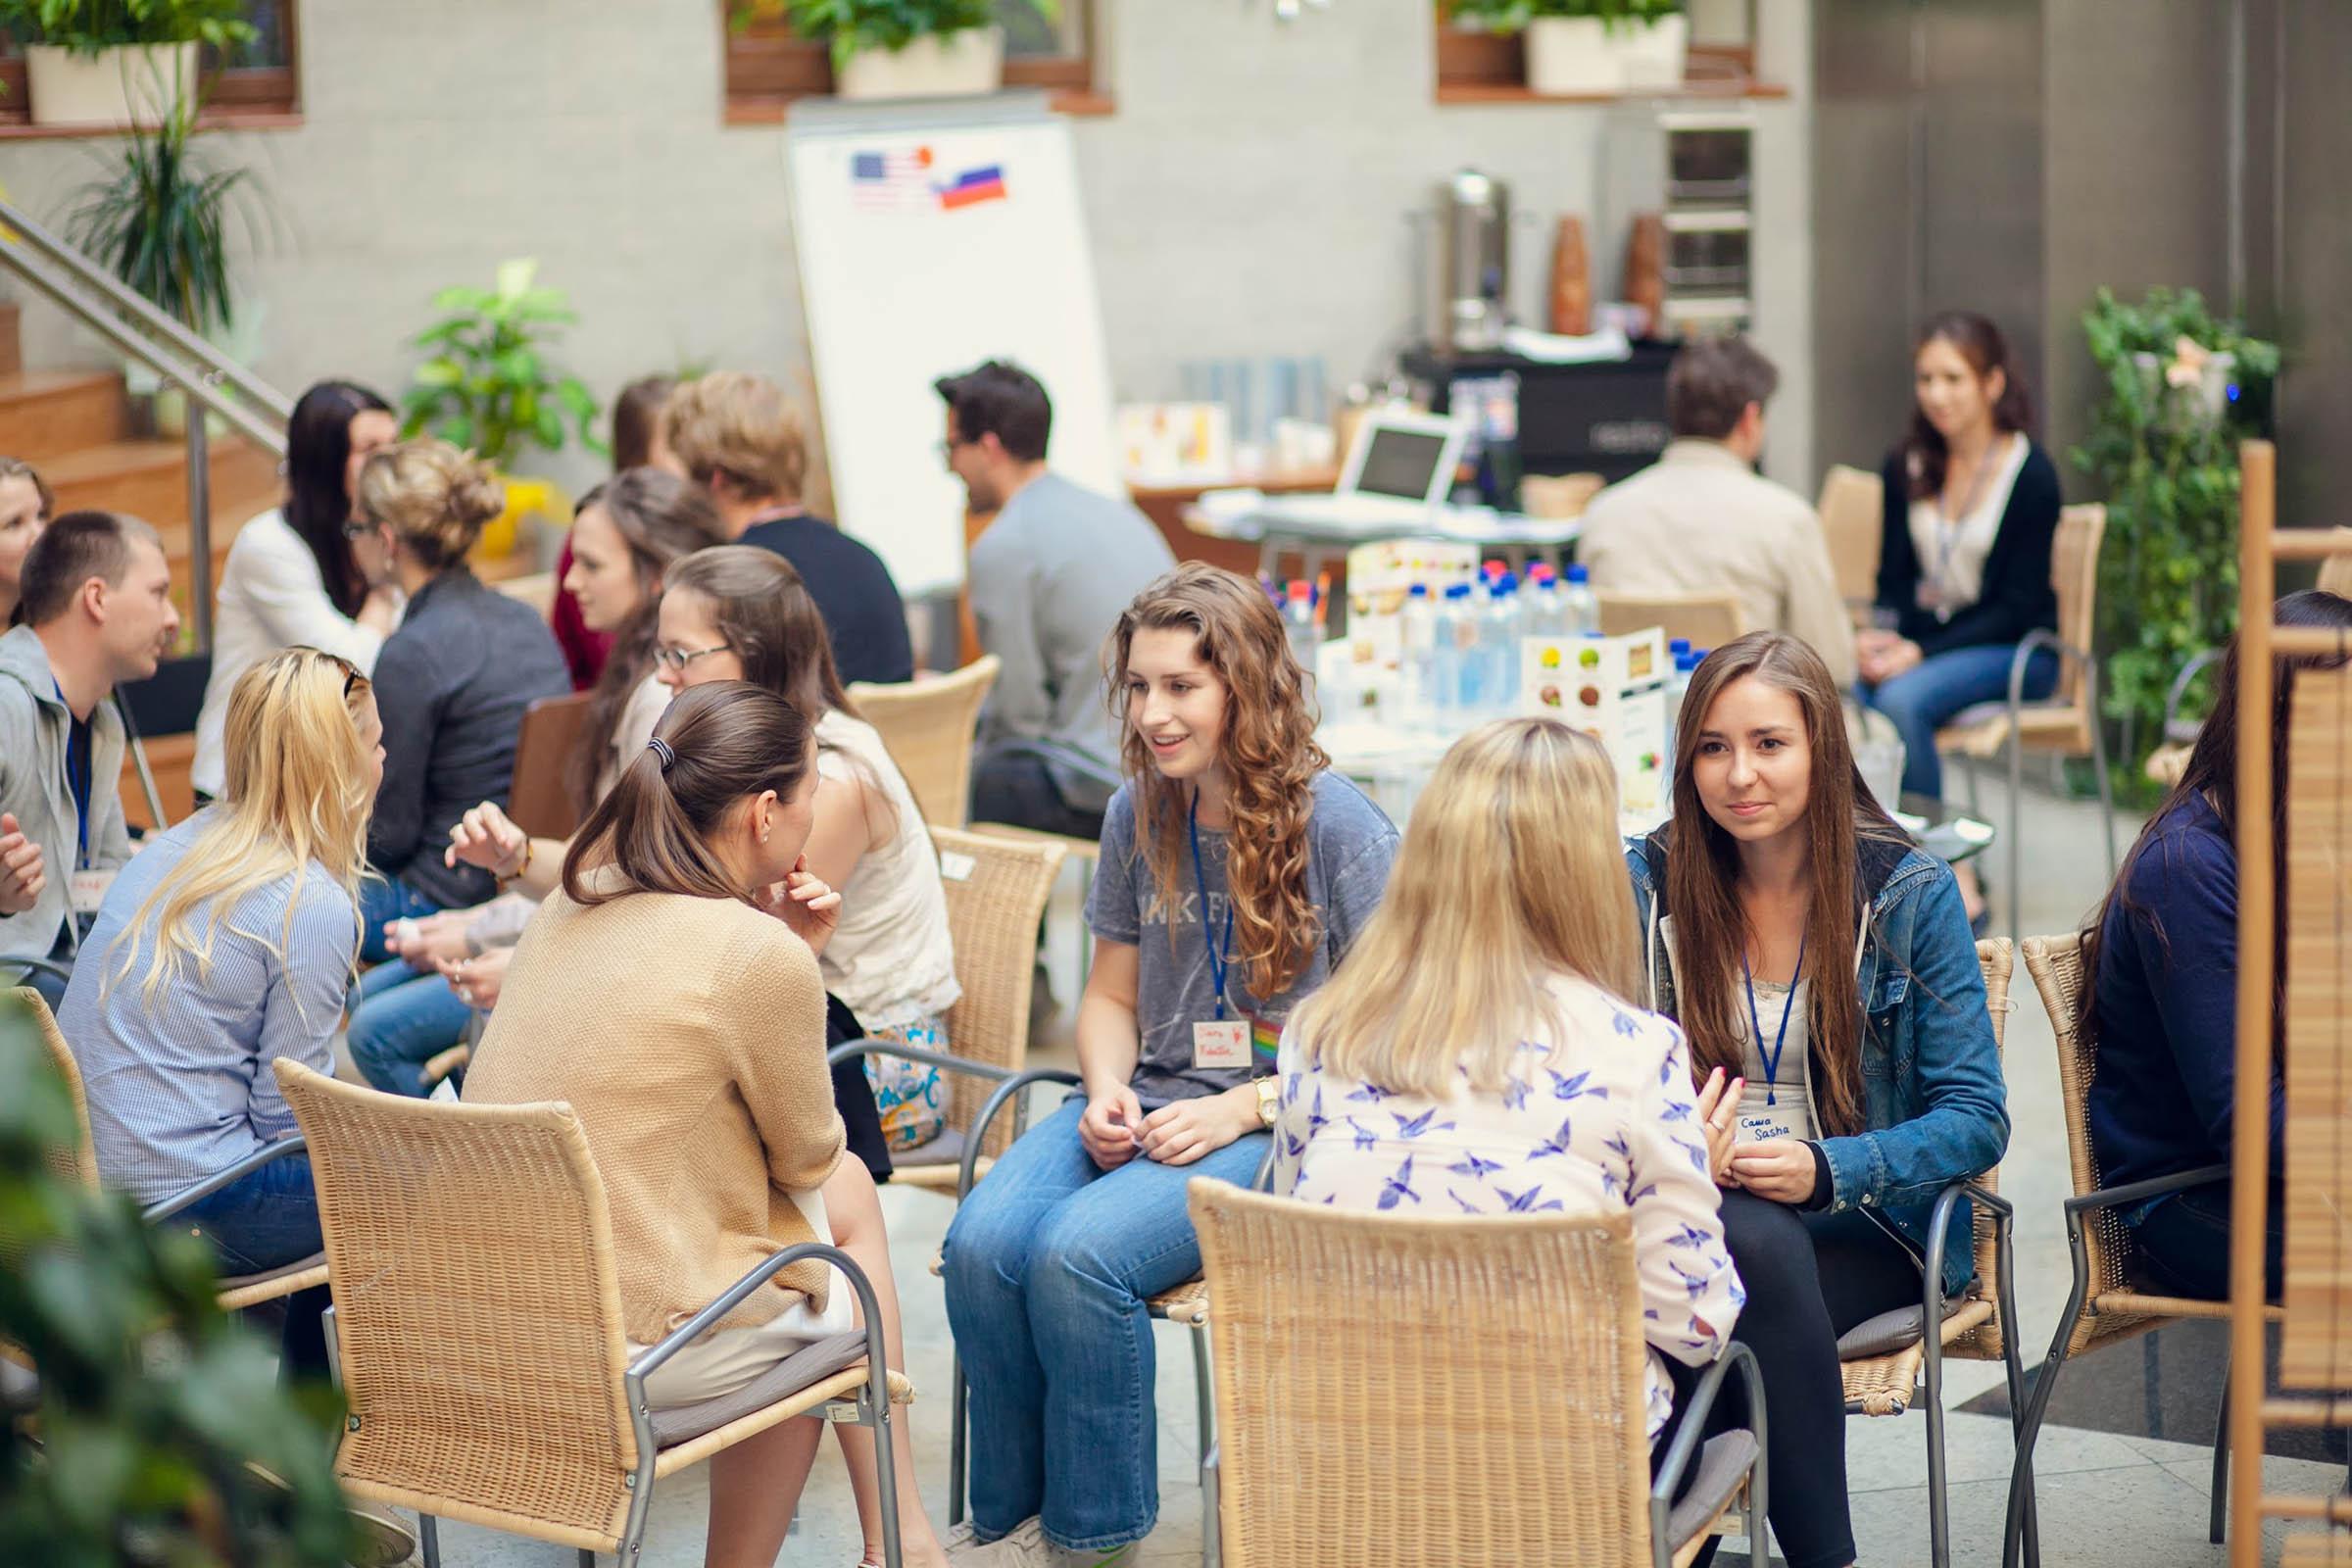 Летом 2014 года «Лингвоэксперт» проводил для корпоративных студентов языковый обмен с американцами